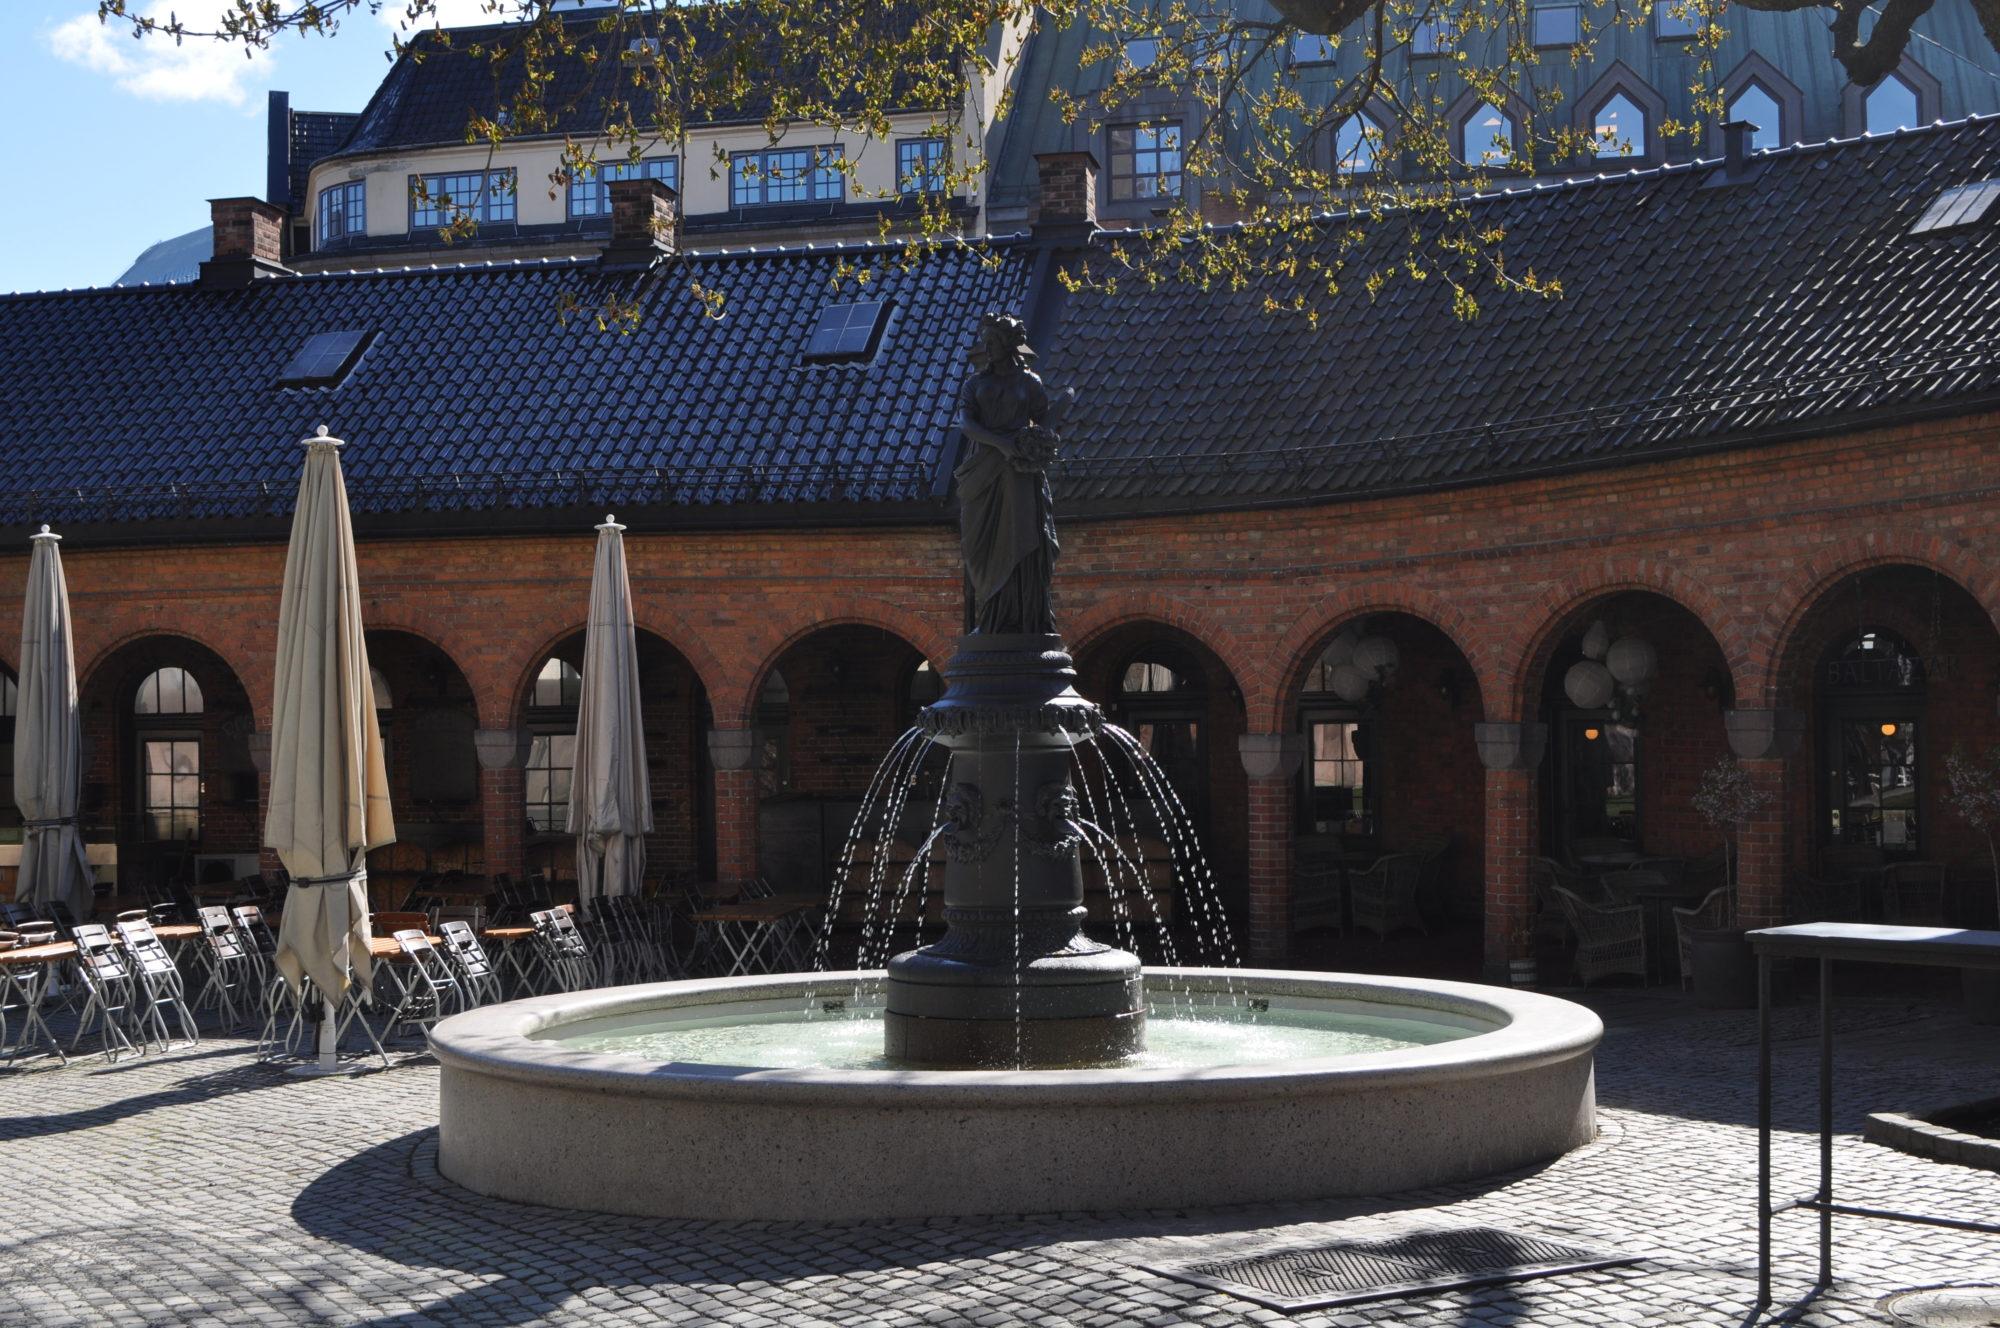 skulpturkonservatoren.dk